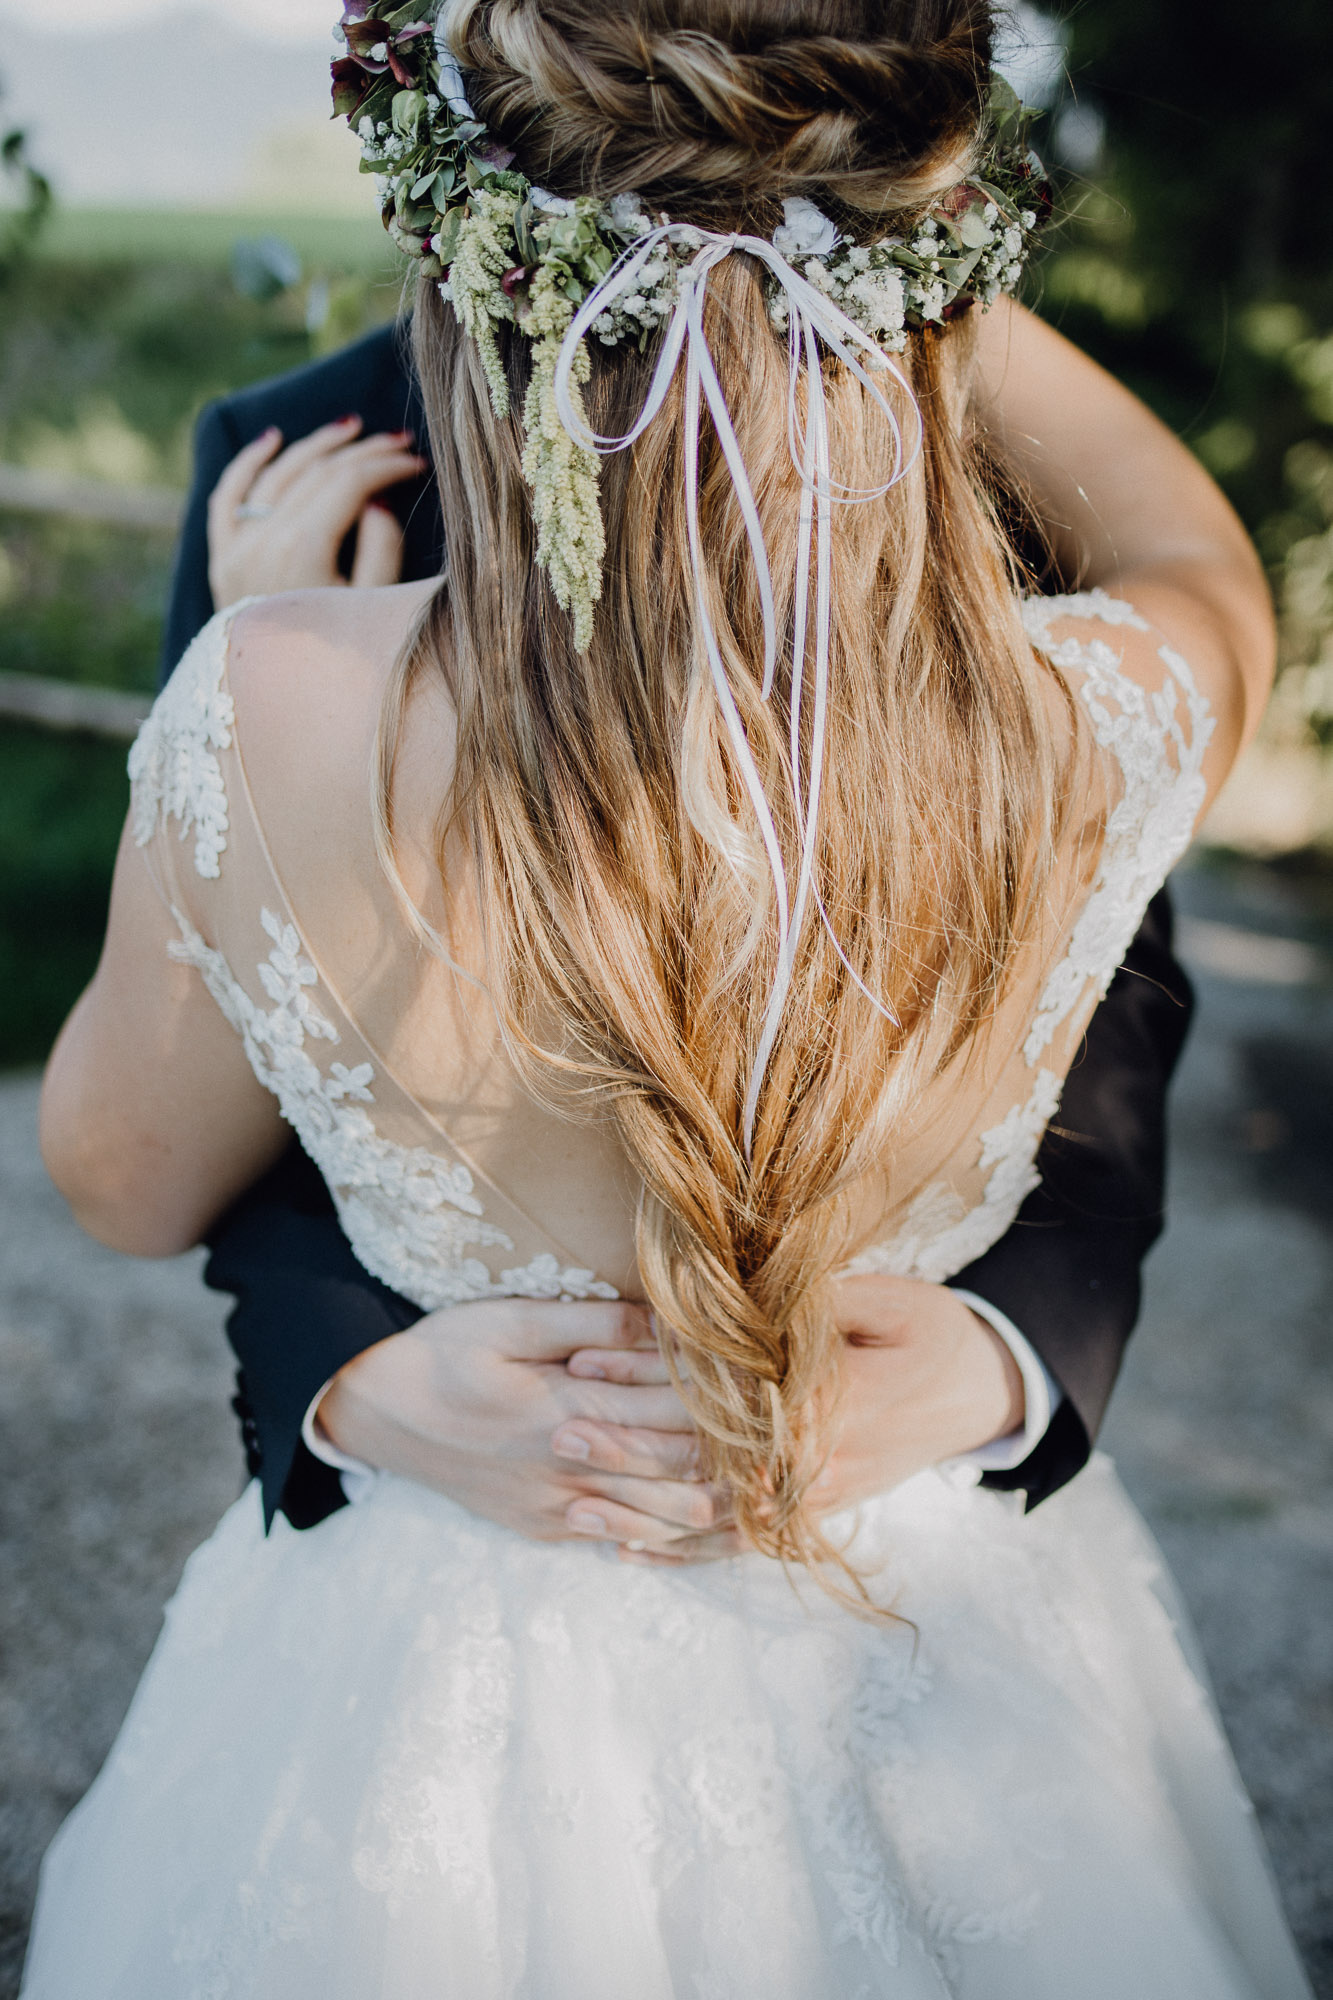 Brautfrisur halboffen, Frisur Hochzeit hochgesteckt